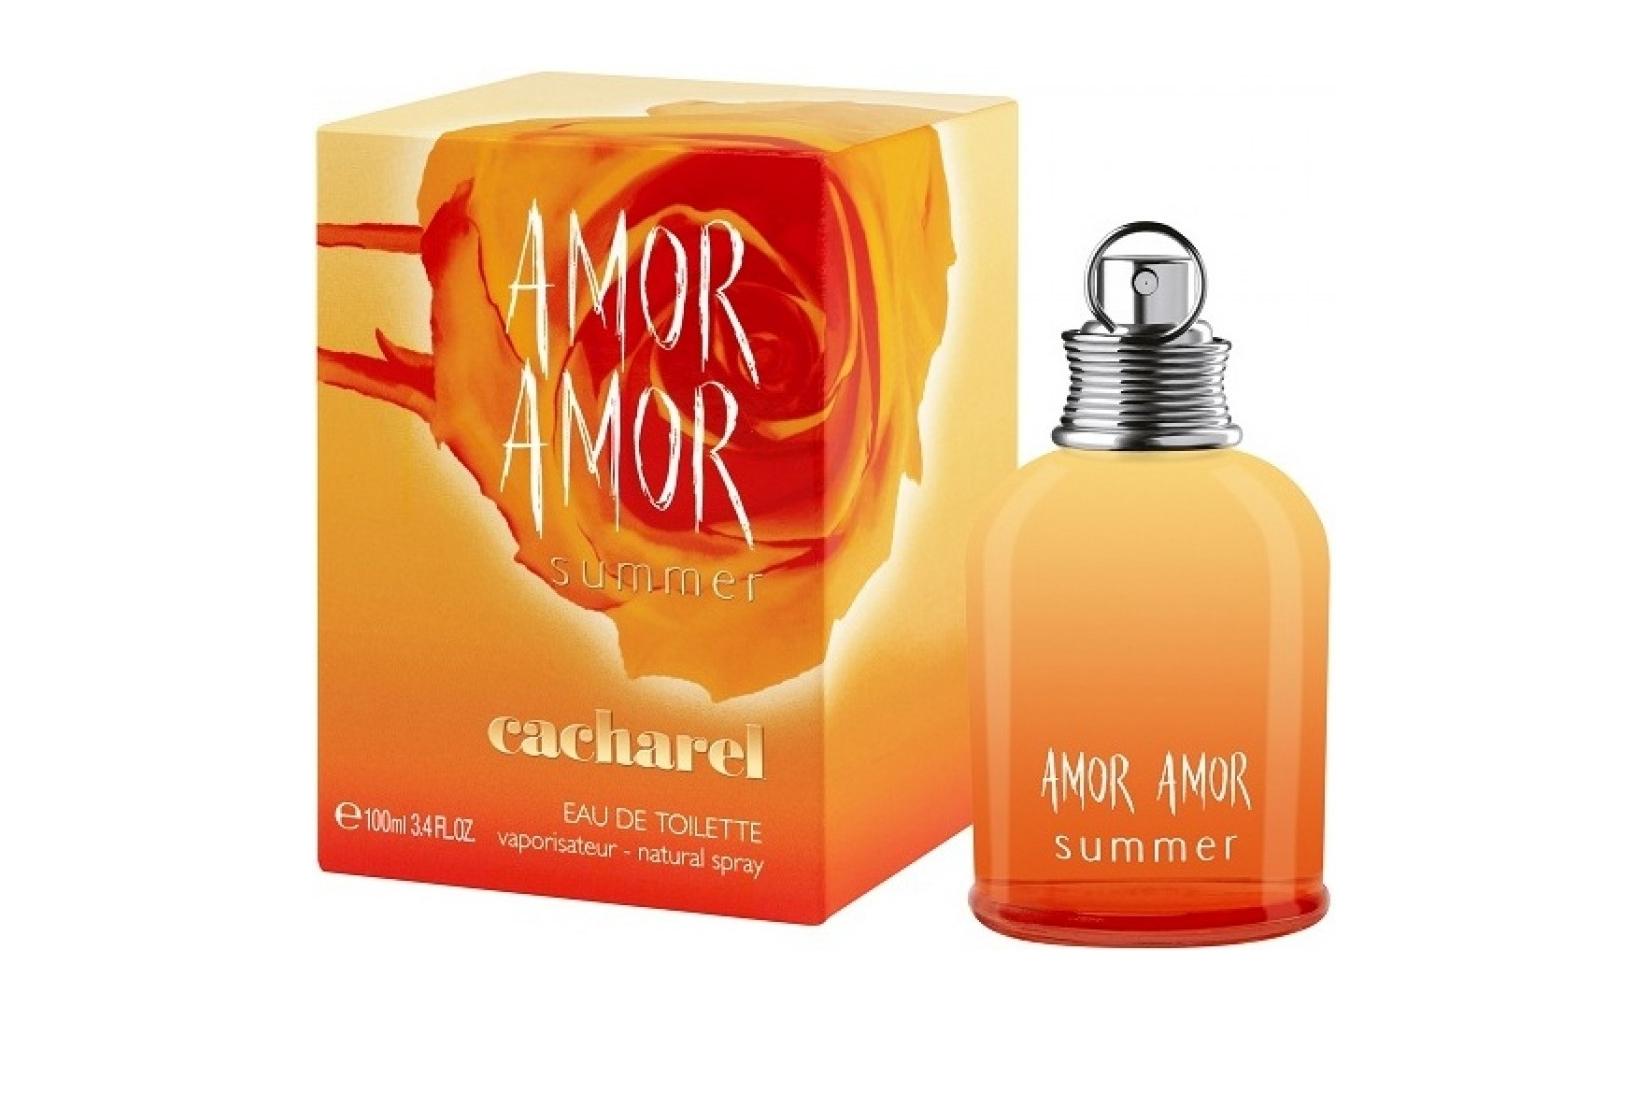 В Amor Amor Summer соединилась атмосфера отдыха и приключений, настроение азарта и риска, и захватывающие, незабываемые ощущения летних каникул.Для молодых, жизнерадостных и чувственных женщин!